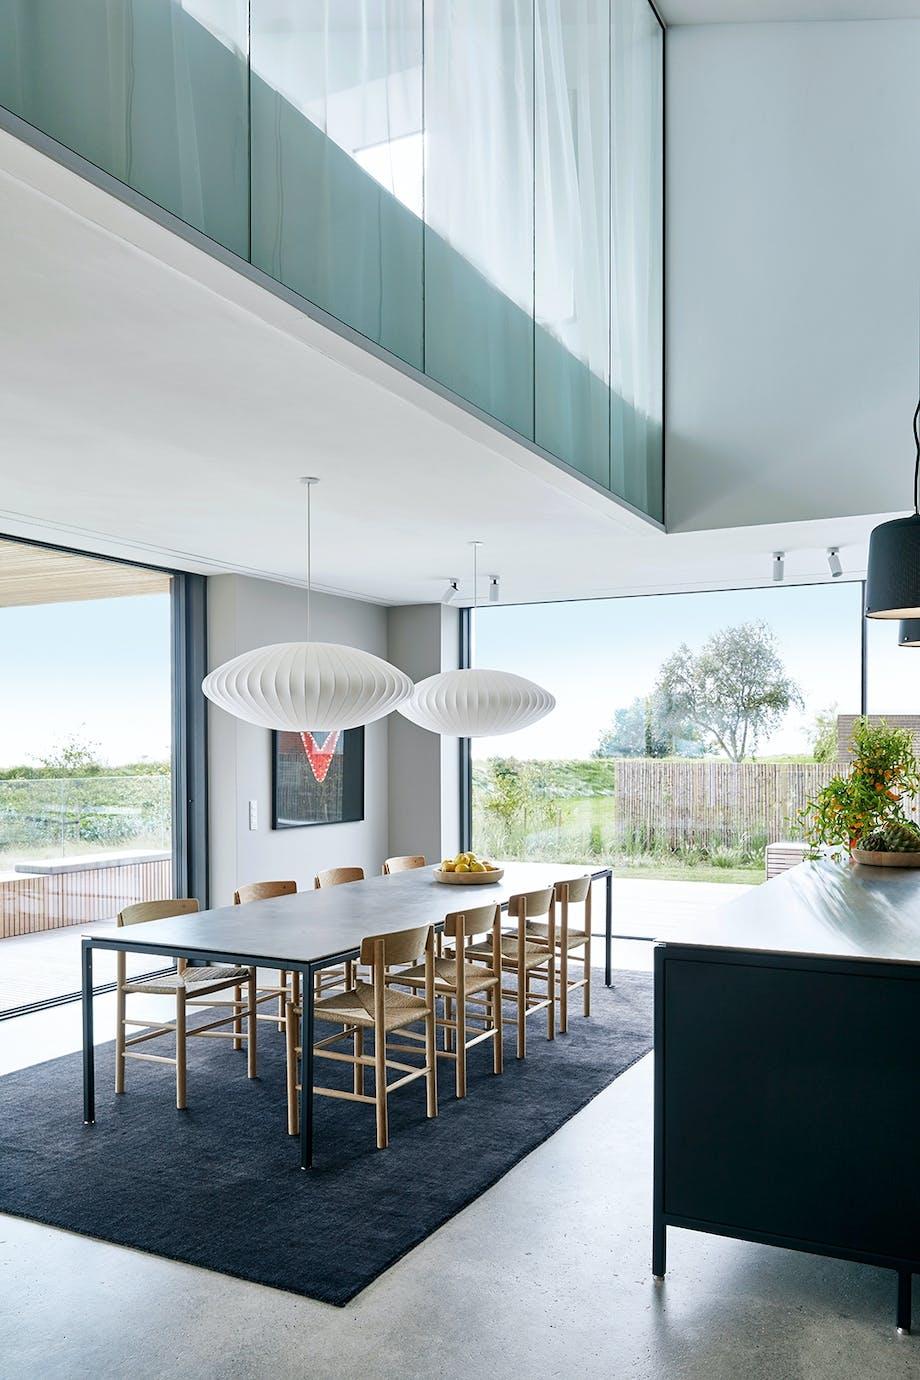 spisestue bord udsigt køkken moderne